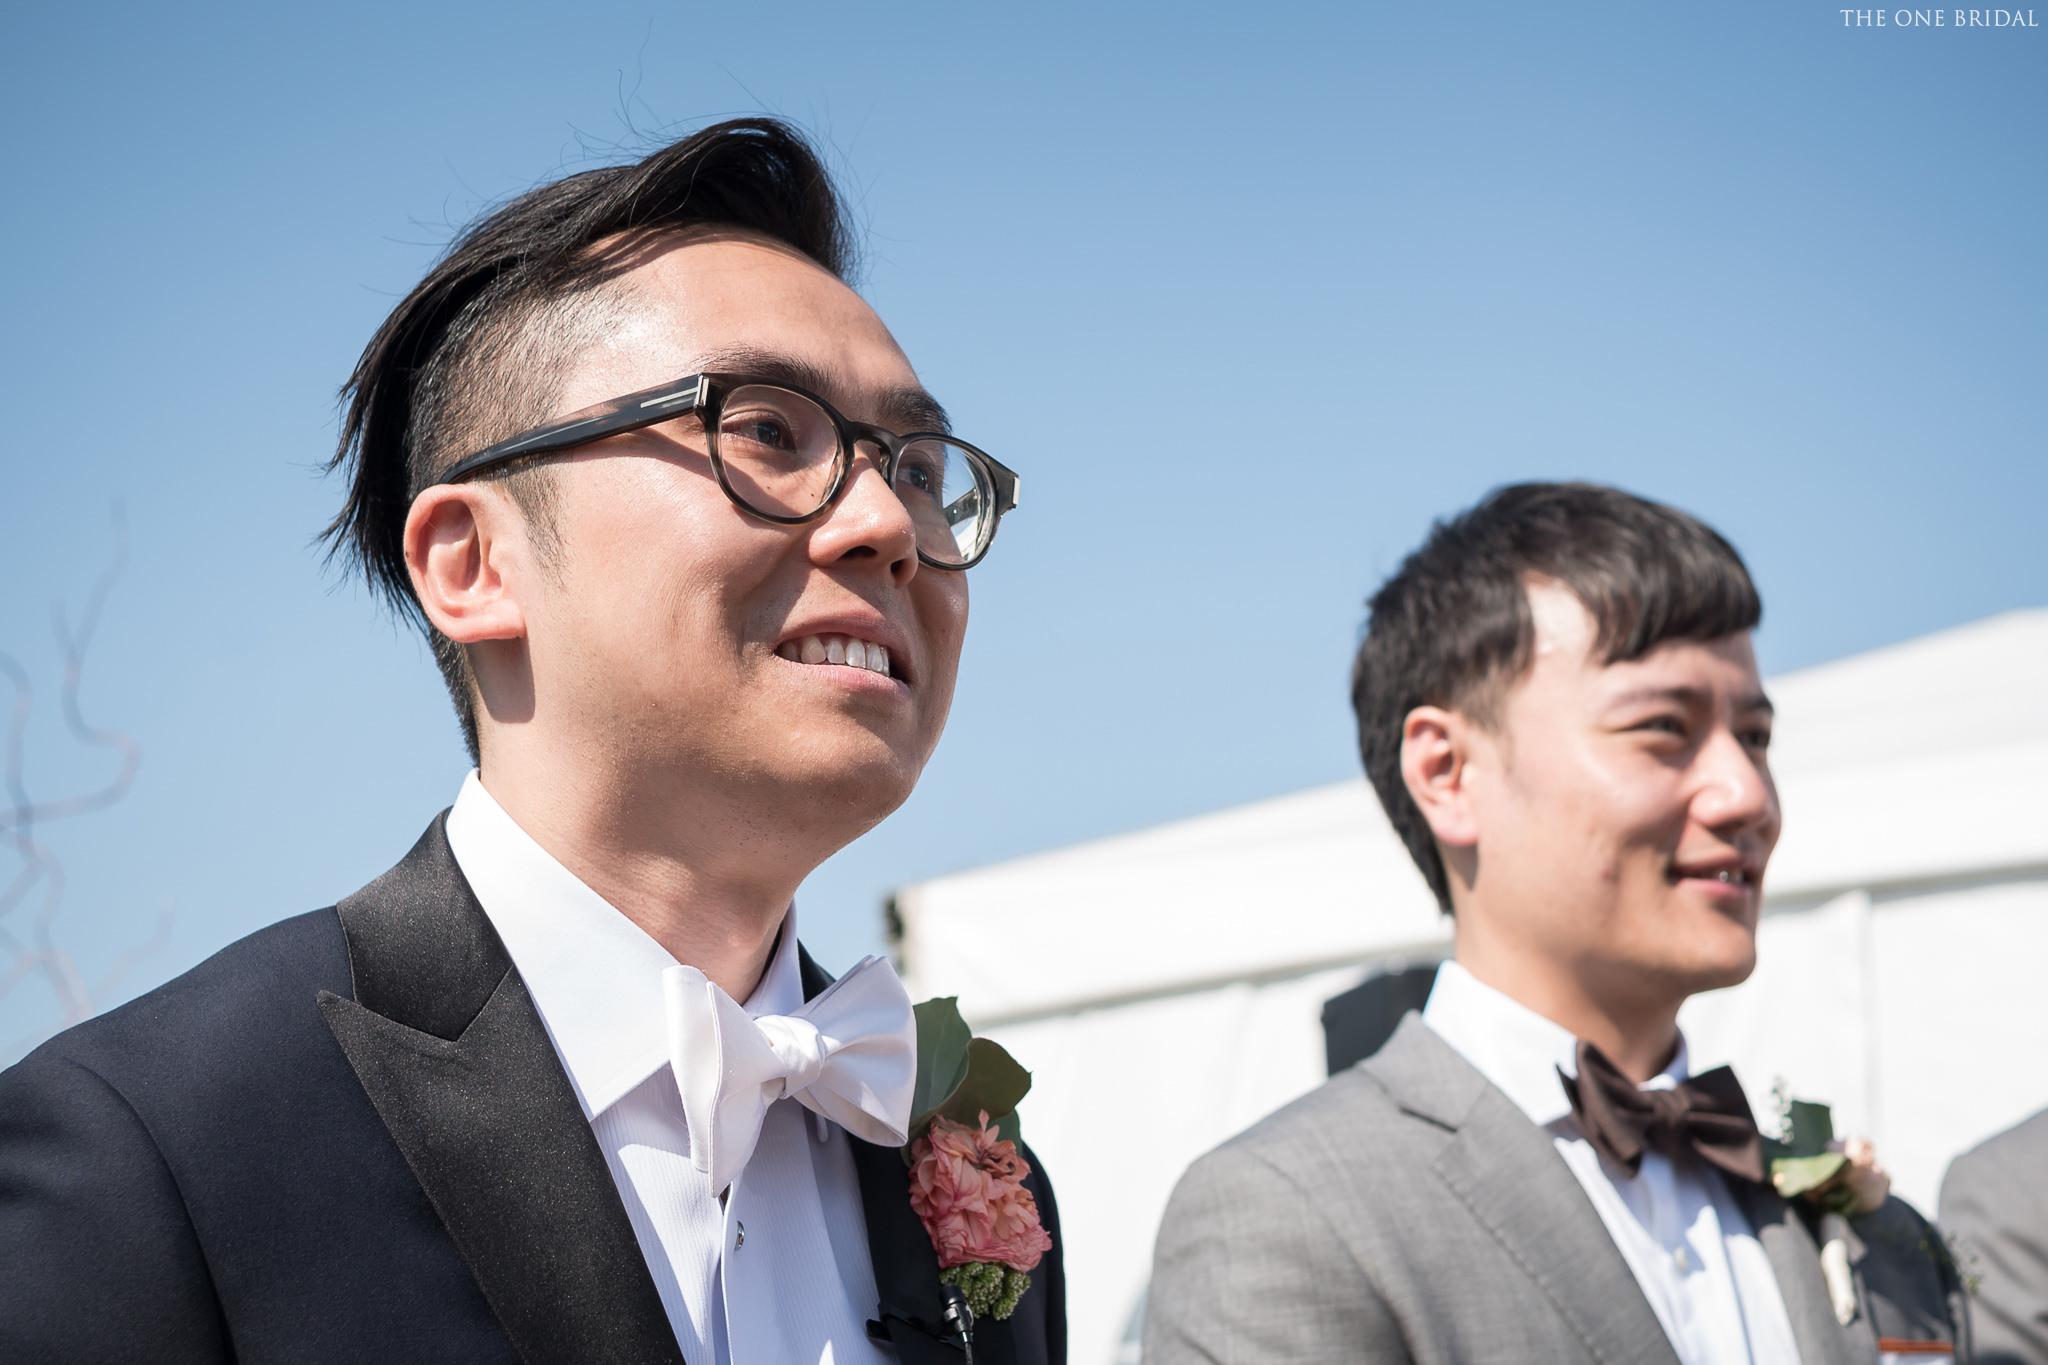 mandarin-golf-club-wedding-markham-the-one-bridal-032